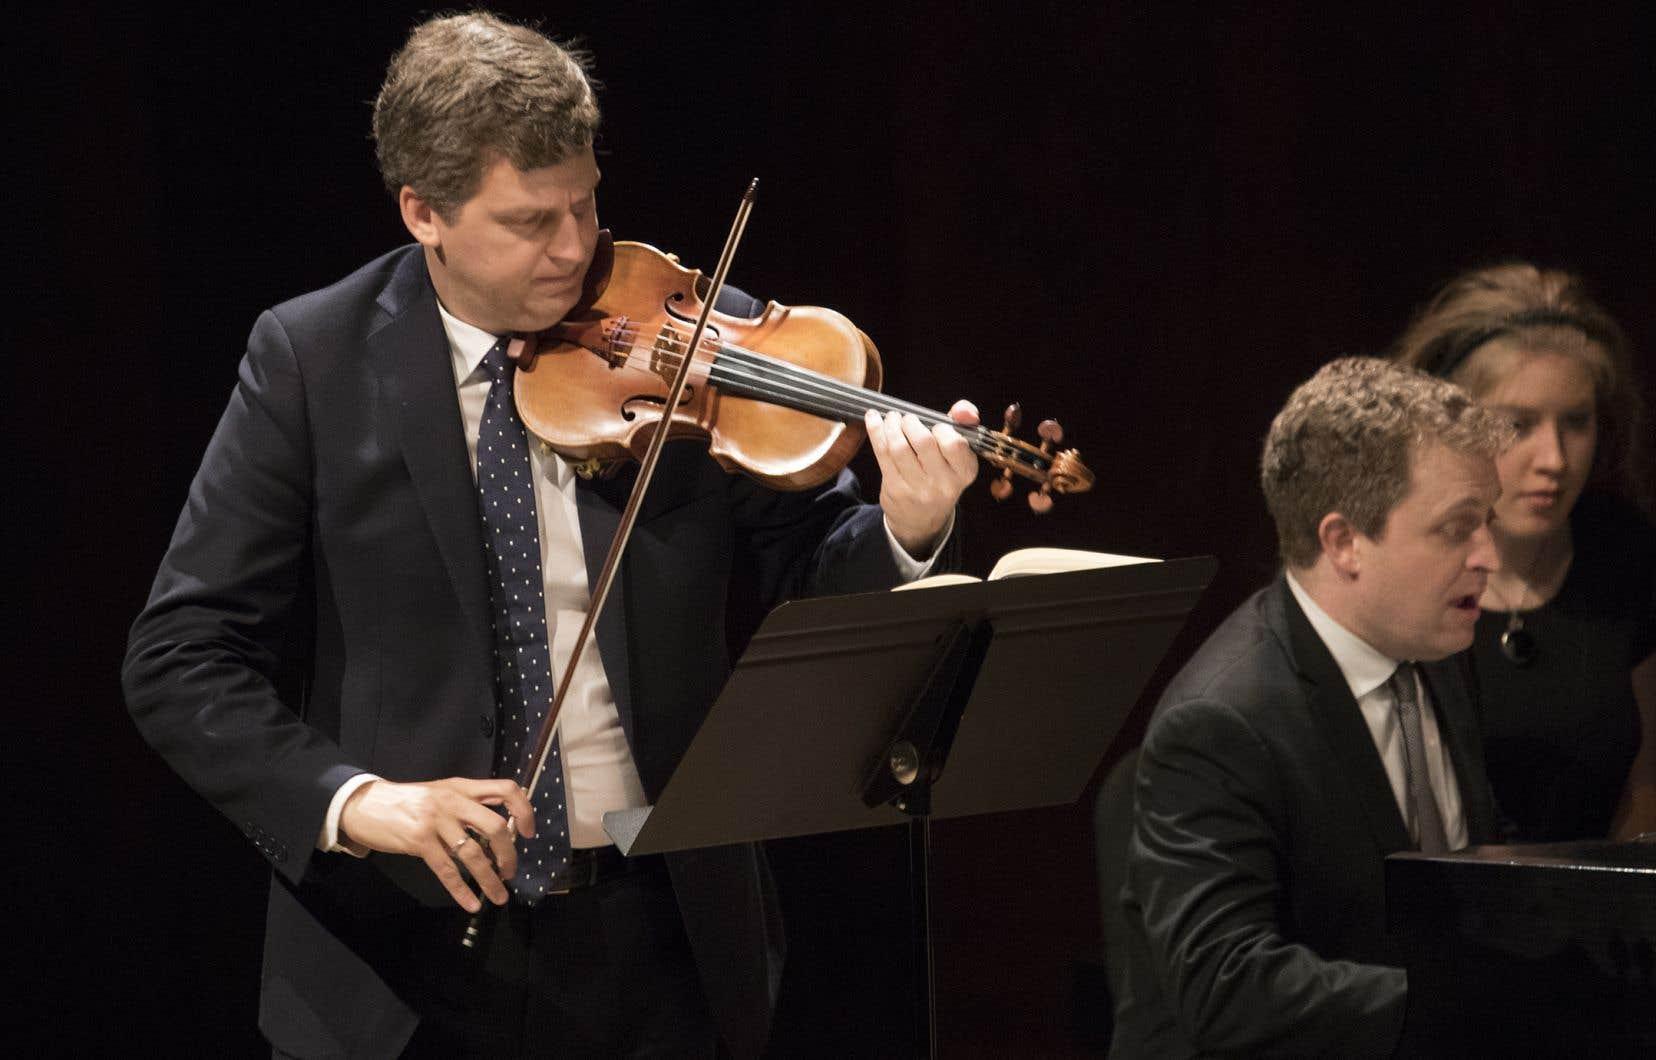 La réalisation est à la hauteur des attentes à l'égard d'un violoniste de cette stature.